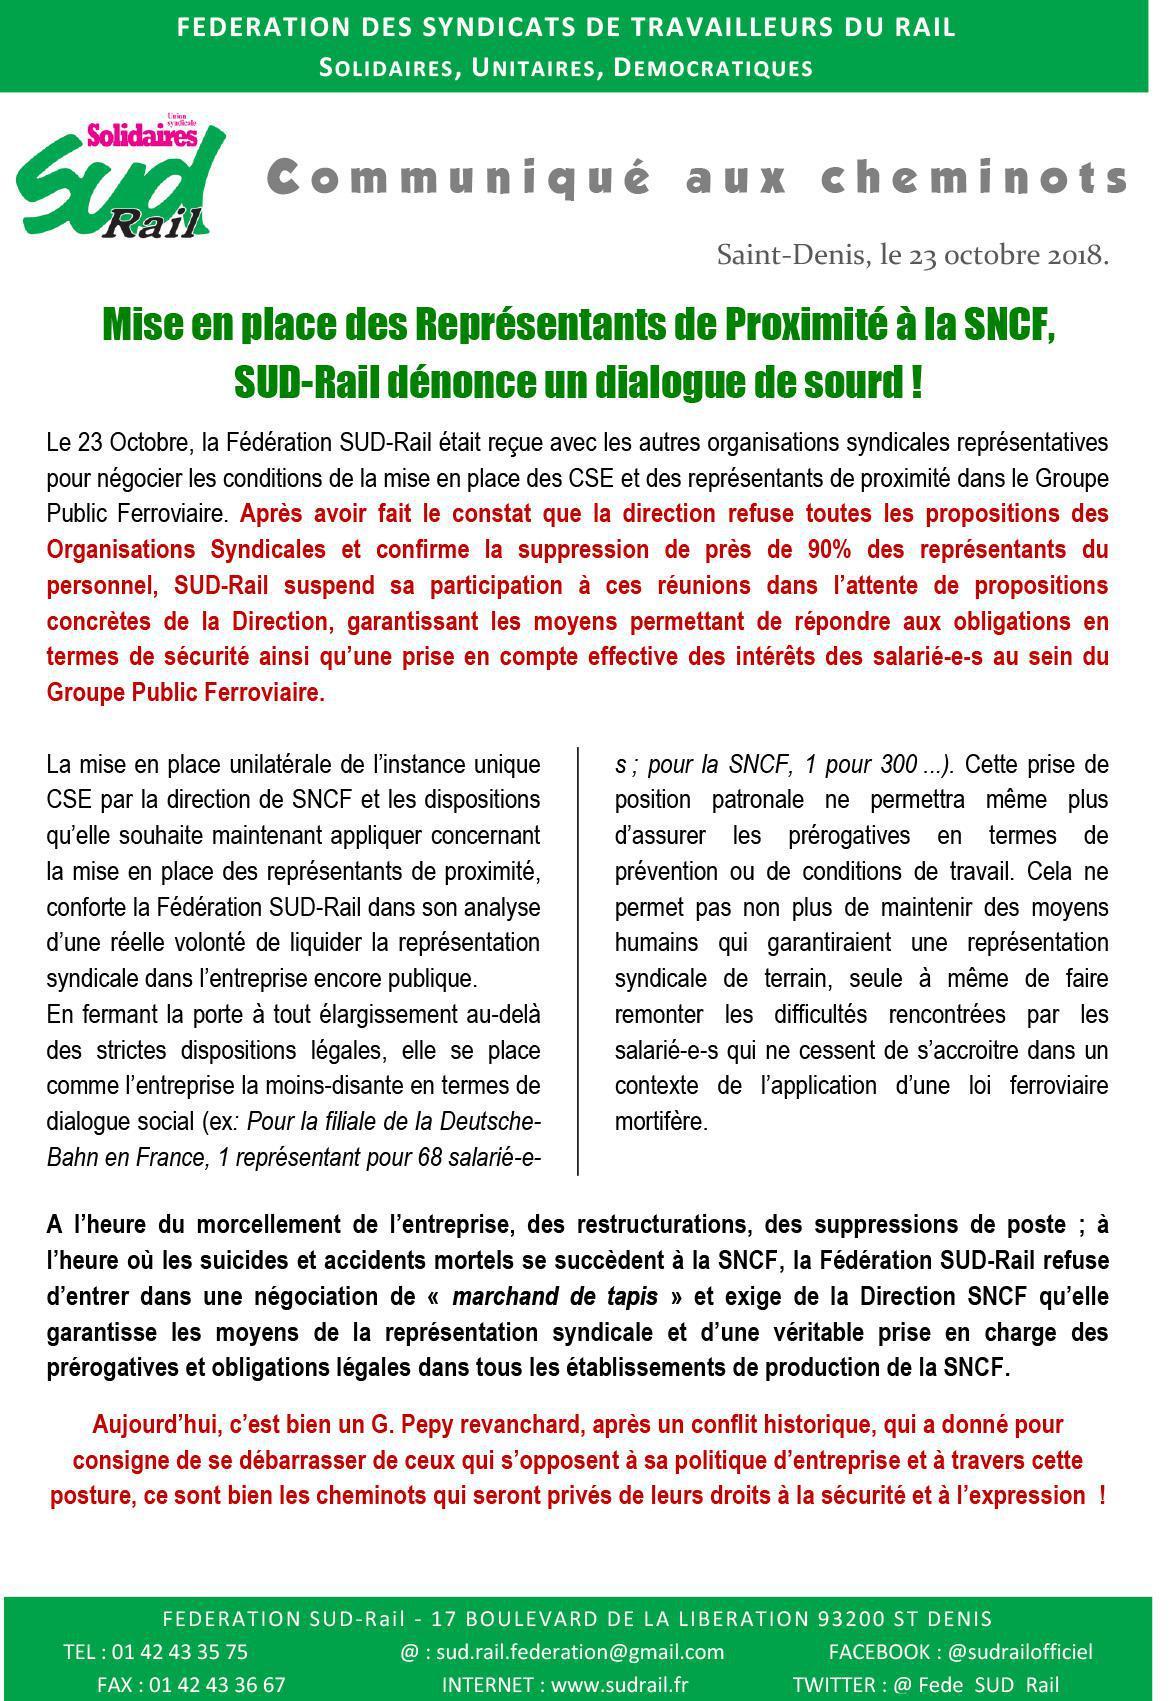 Mise en place des Représentants de Proximité à la SNCF, SUD-Rail dénonce un dialogue de sourd !